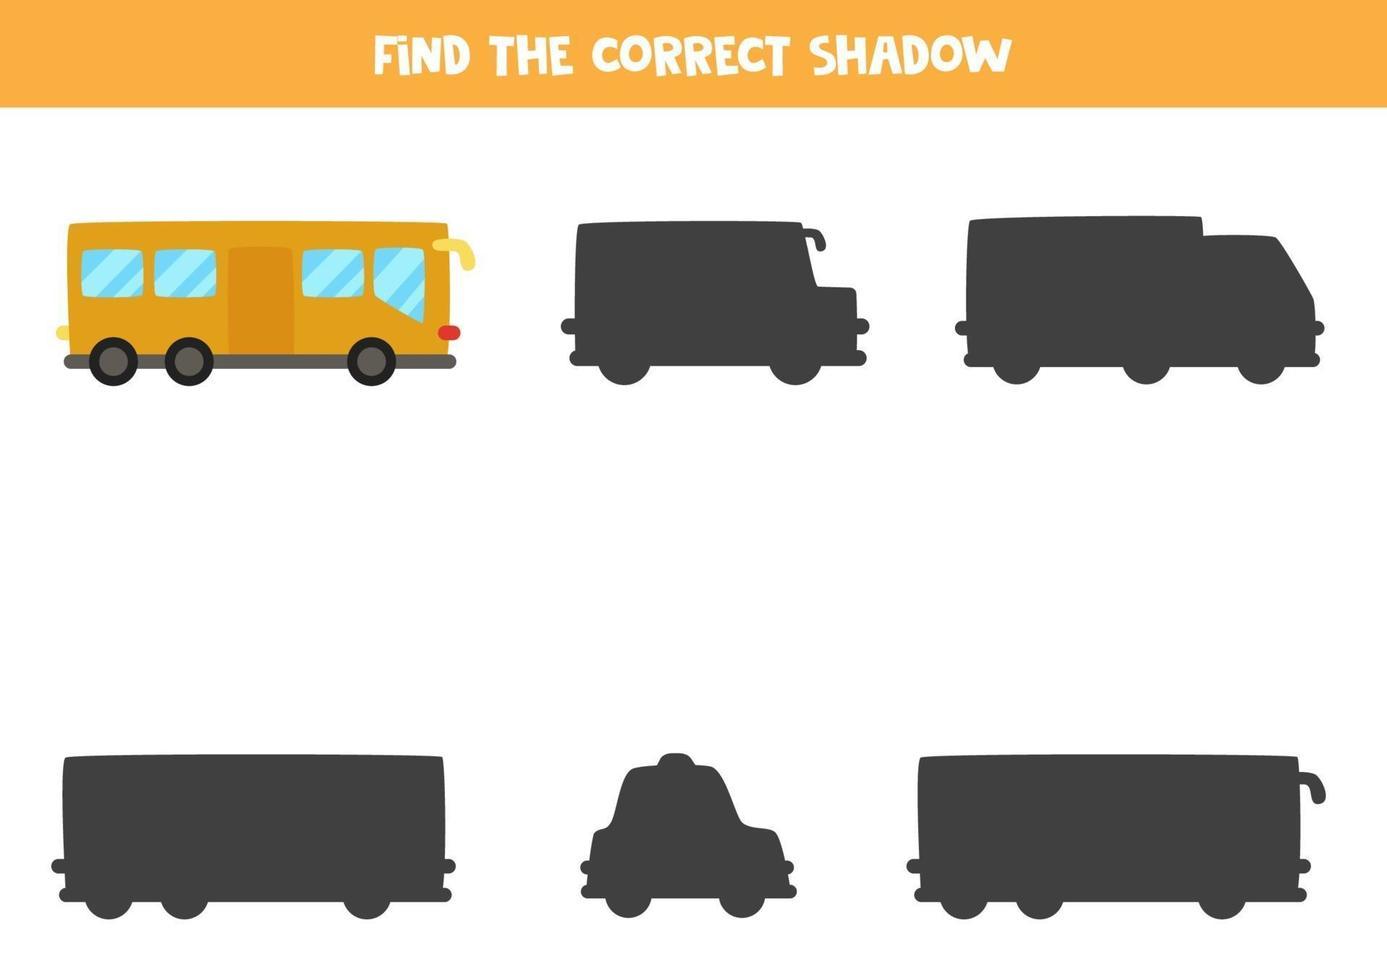 hitta rätt skugga av stadsbuss. logiskt pussel för barn. vektor